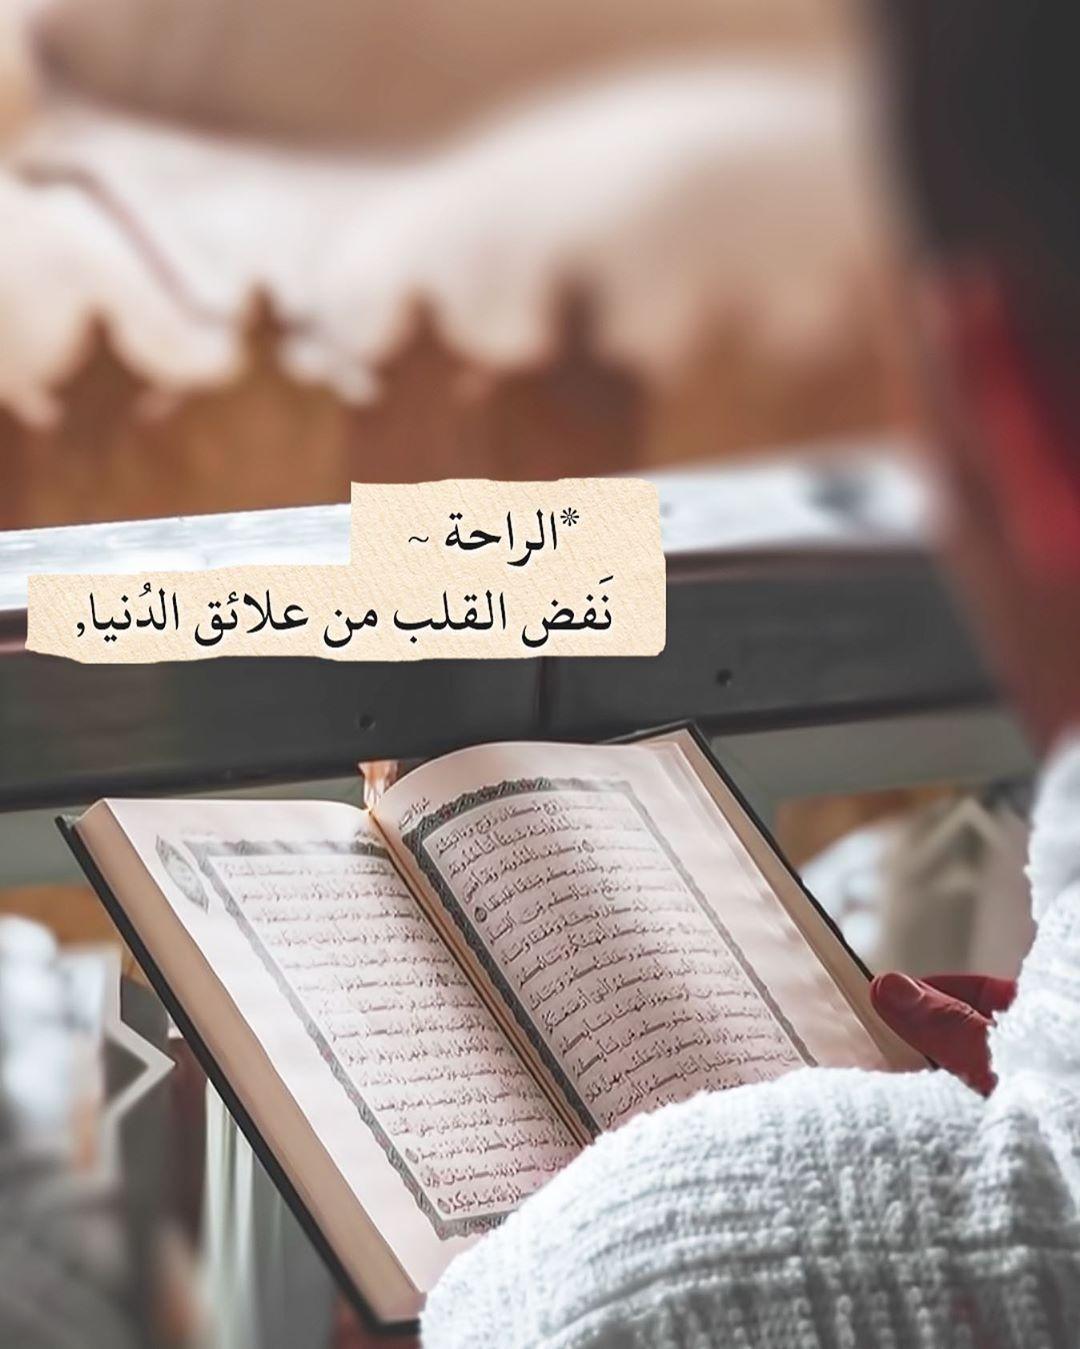 Pin By صورة و كلمة On مواعظ خواطر إسلامية Islamic Quotes Islam Hadith Quotes